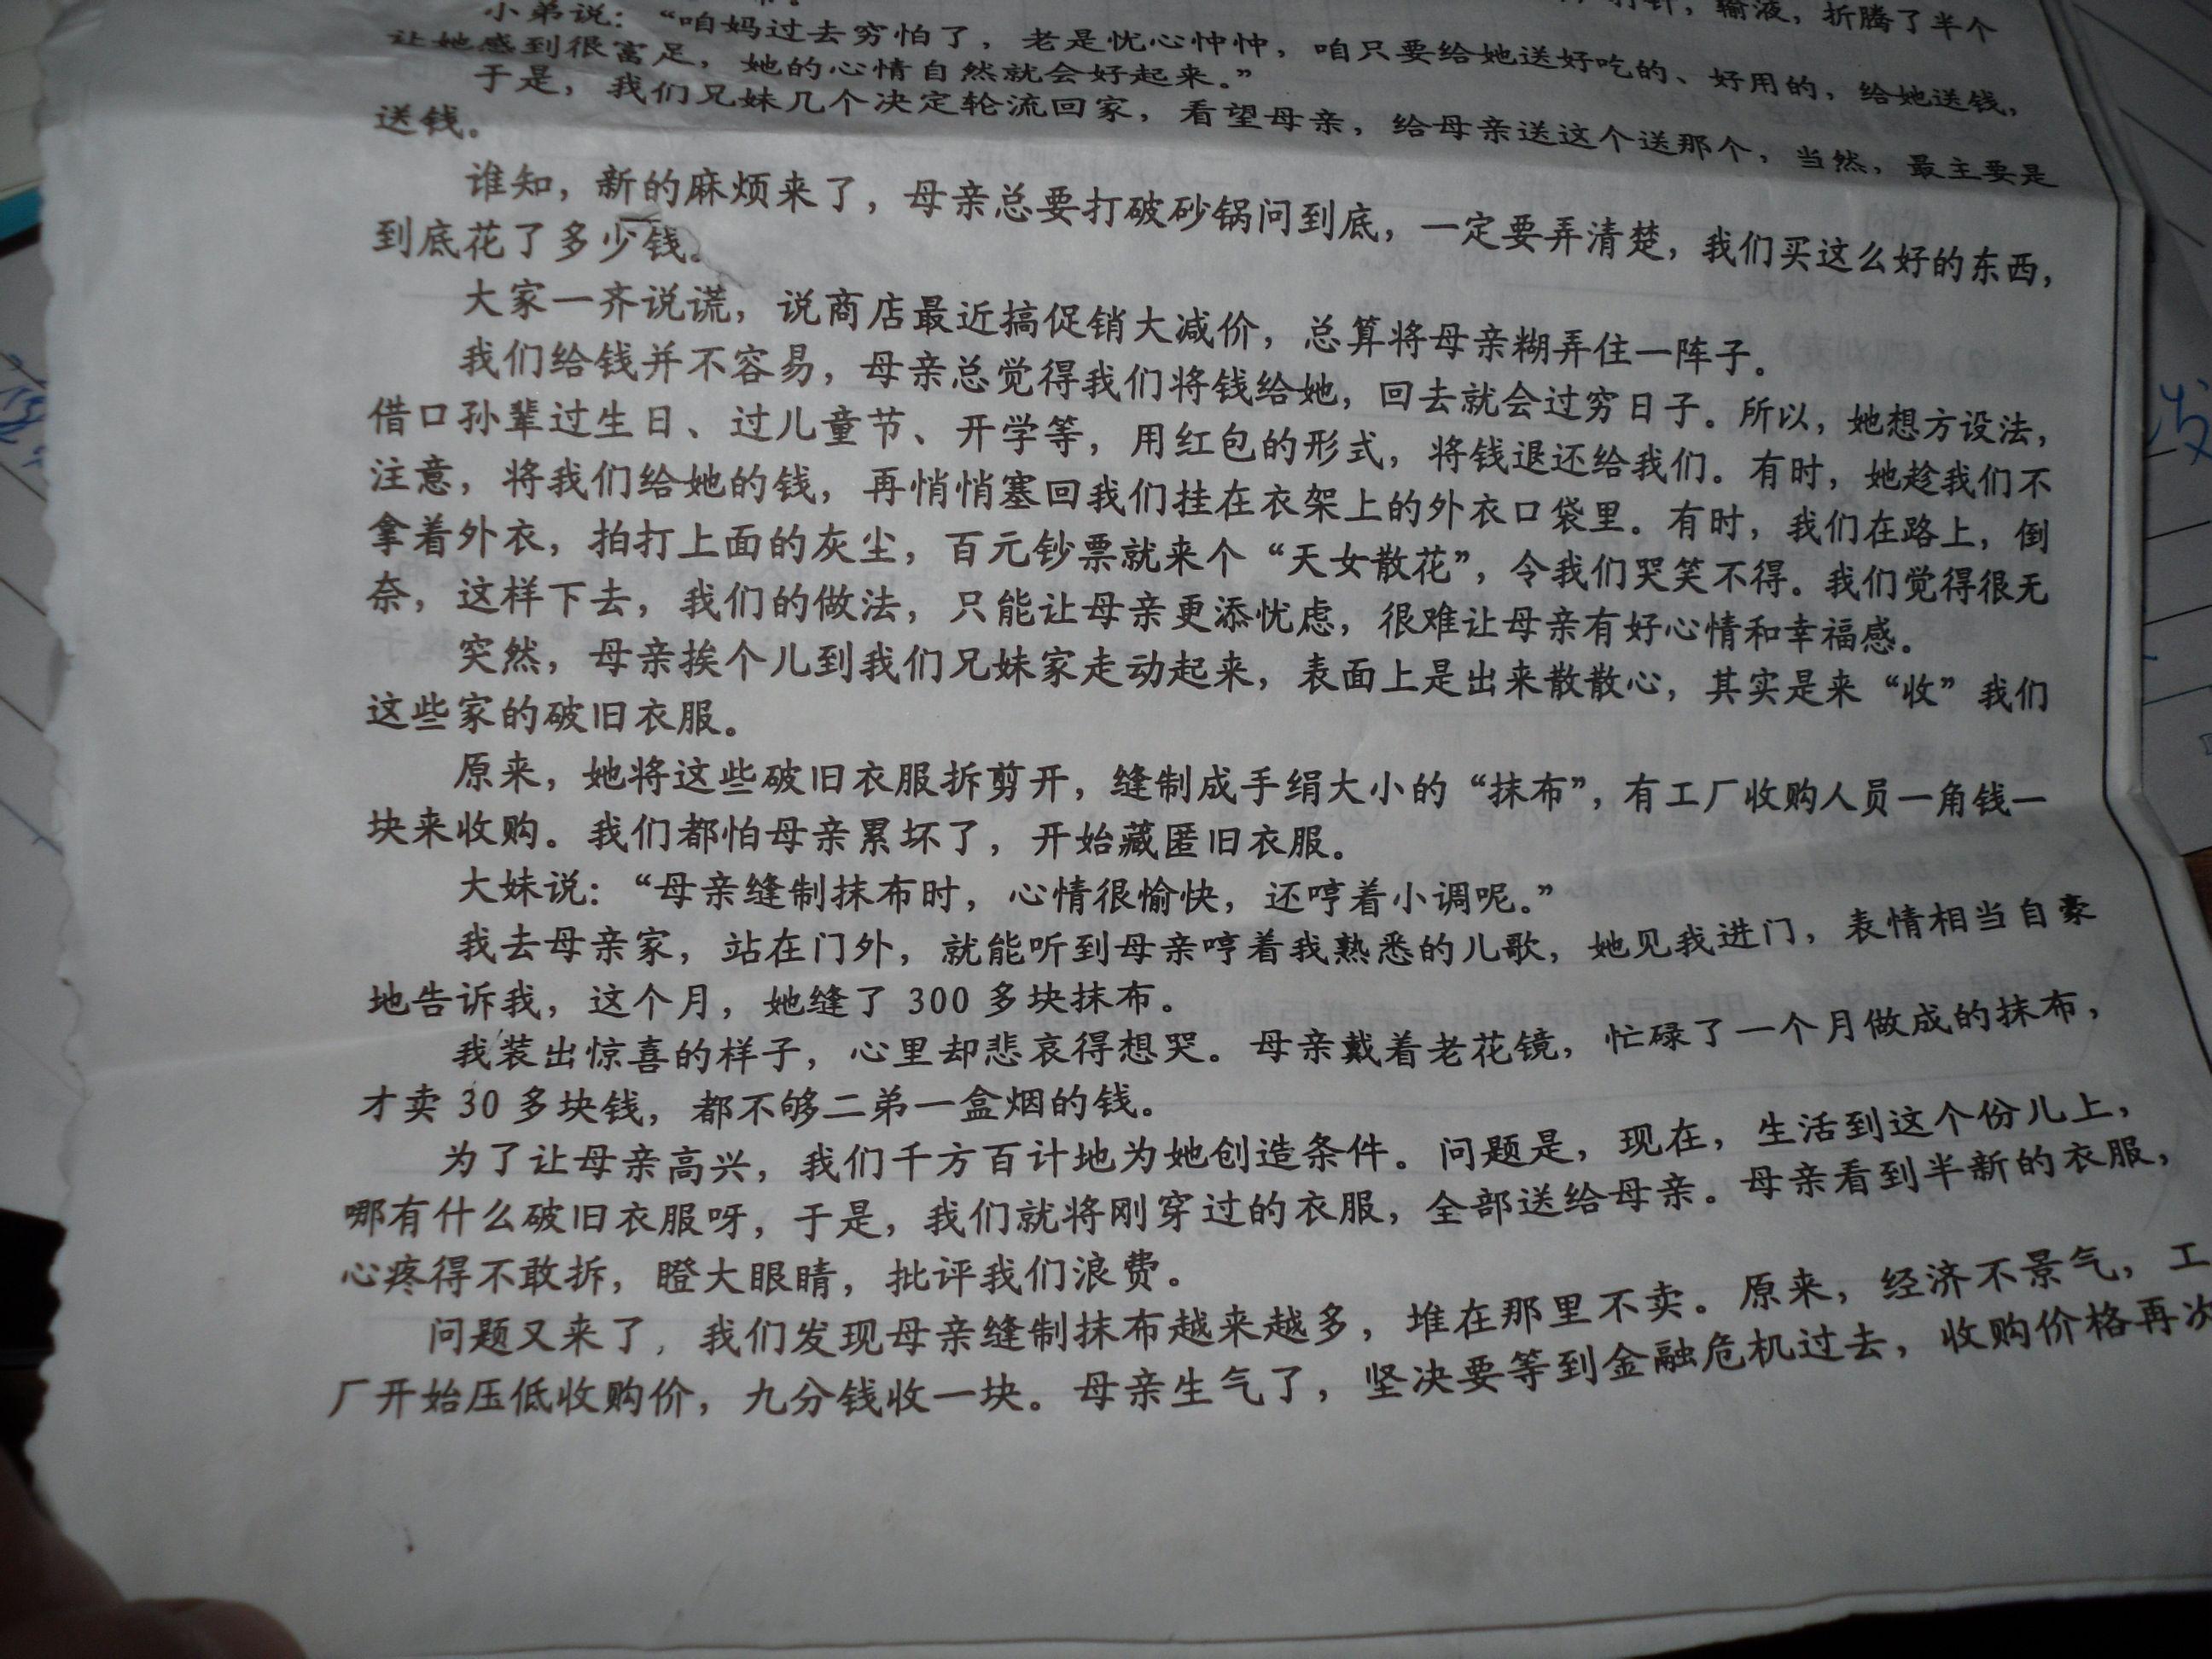 有关生命的名家文章_>> 文章内容 >> 有关挪树的阅读答案  写一句有关植物的谚语.